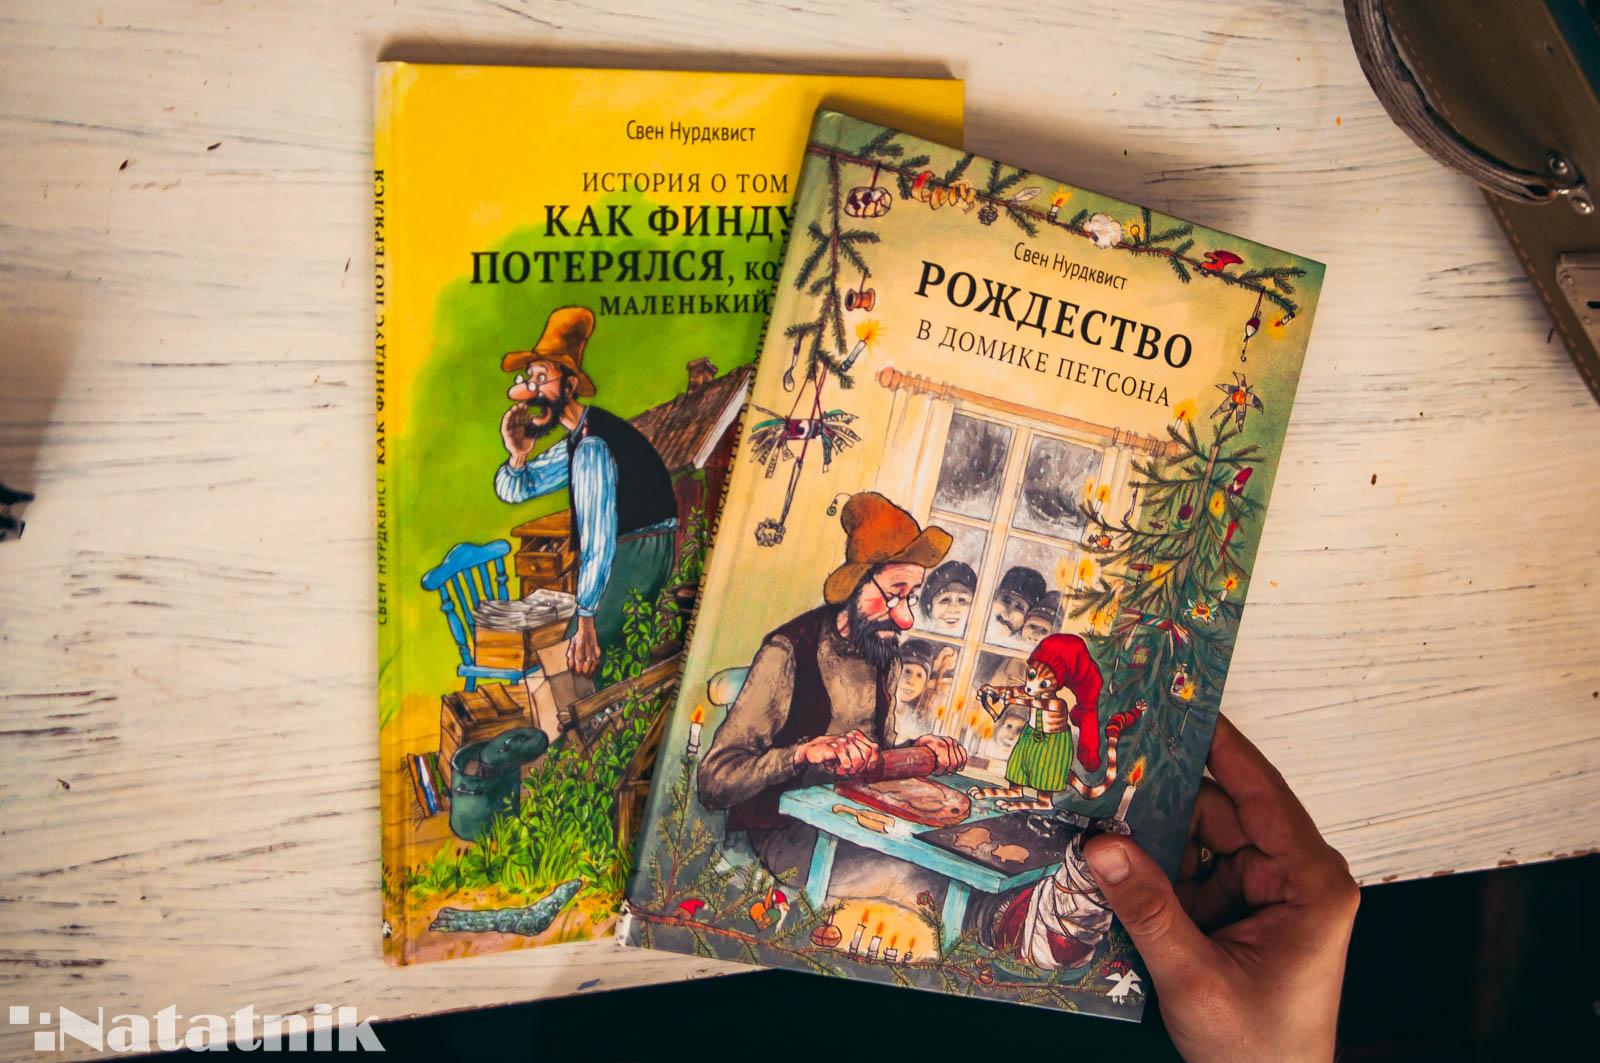 Свен Нурдквист, книги